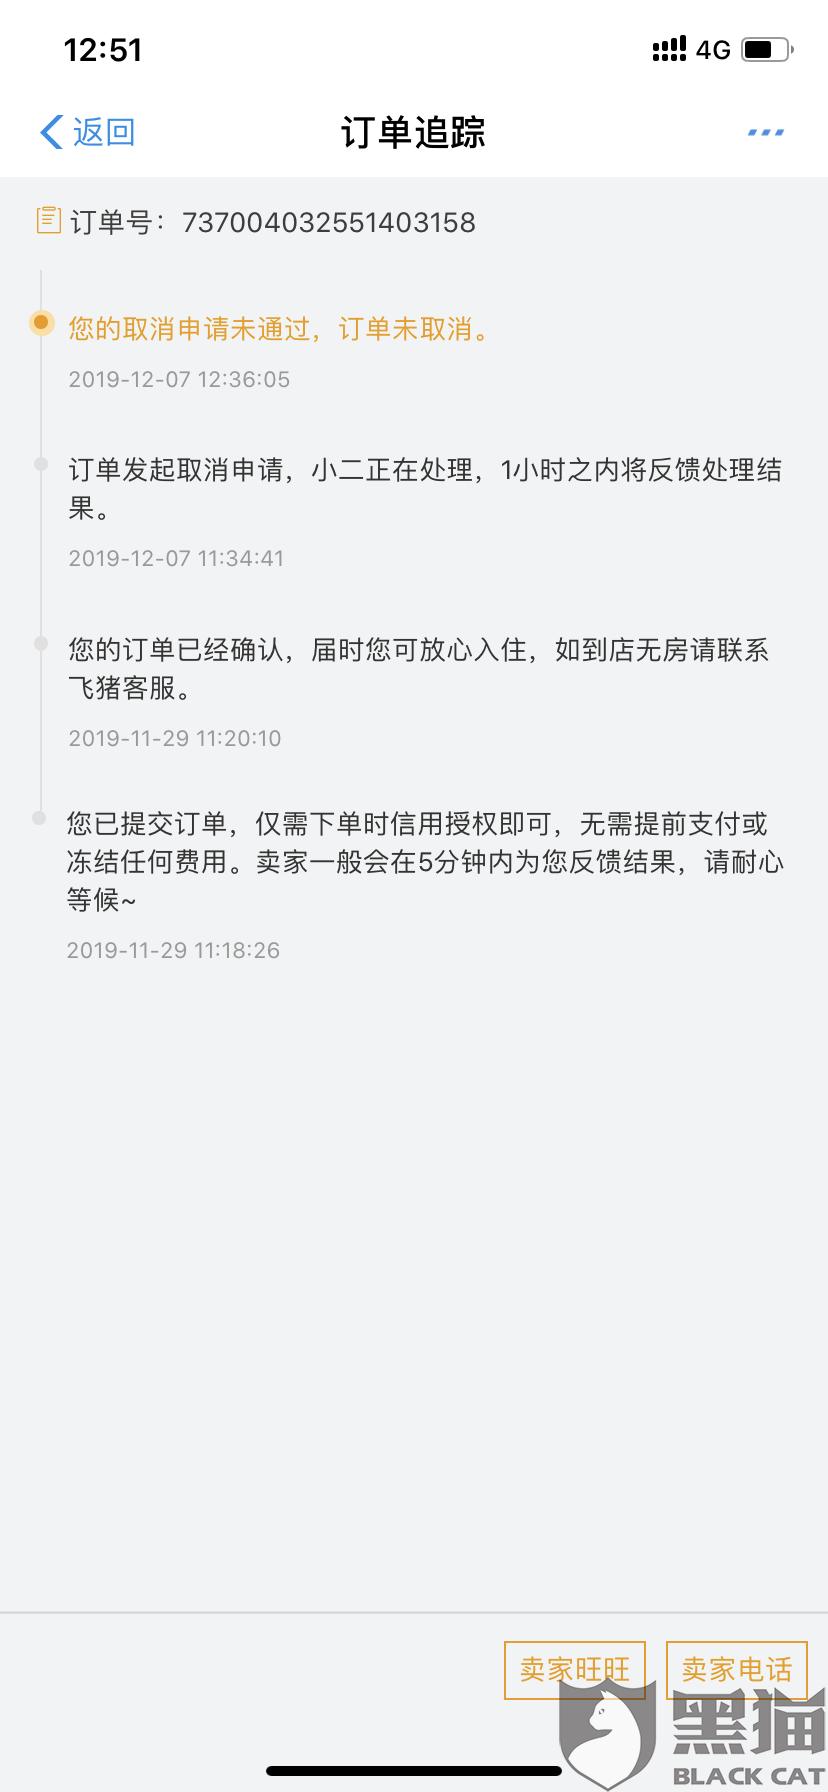 黑猫投诉:飞猪酒店不可取消订单霸王条款 退款!